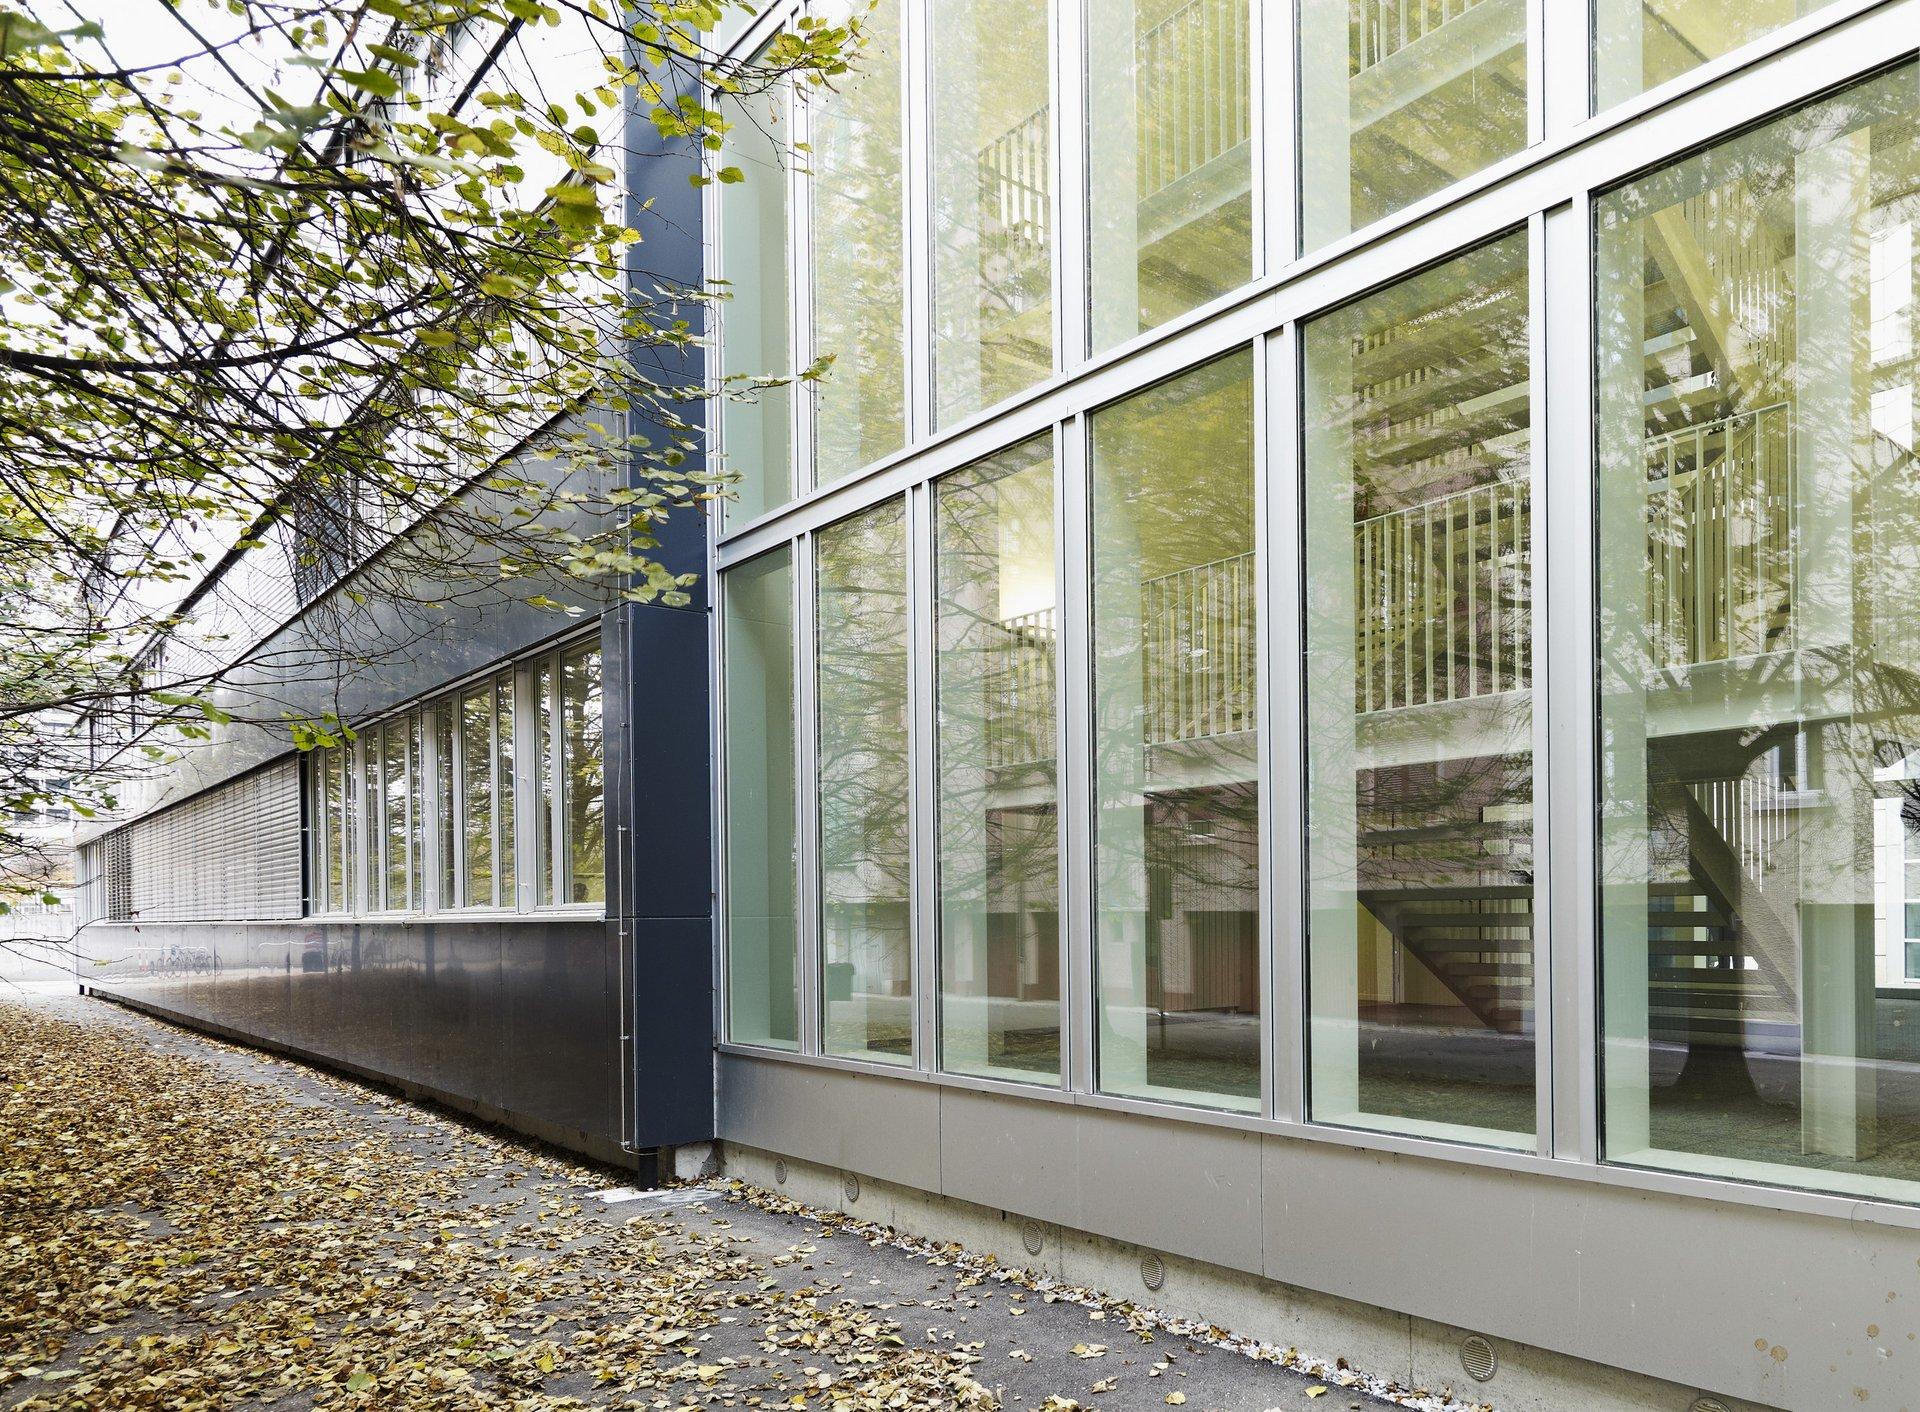 Gebäudeteil mit Fensterfront über alle Stockwerke